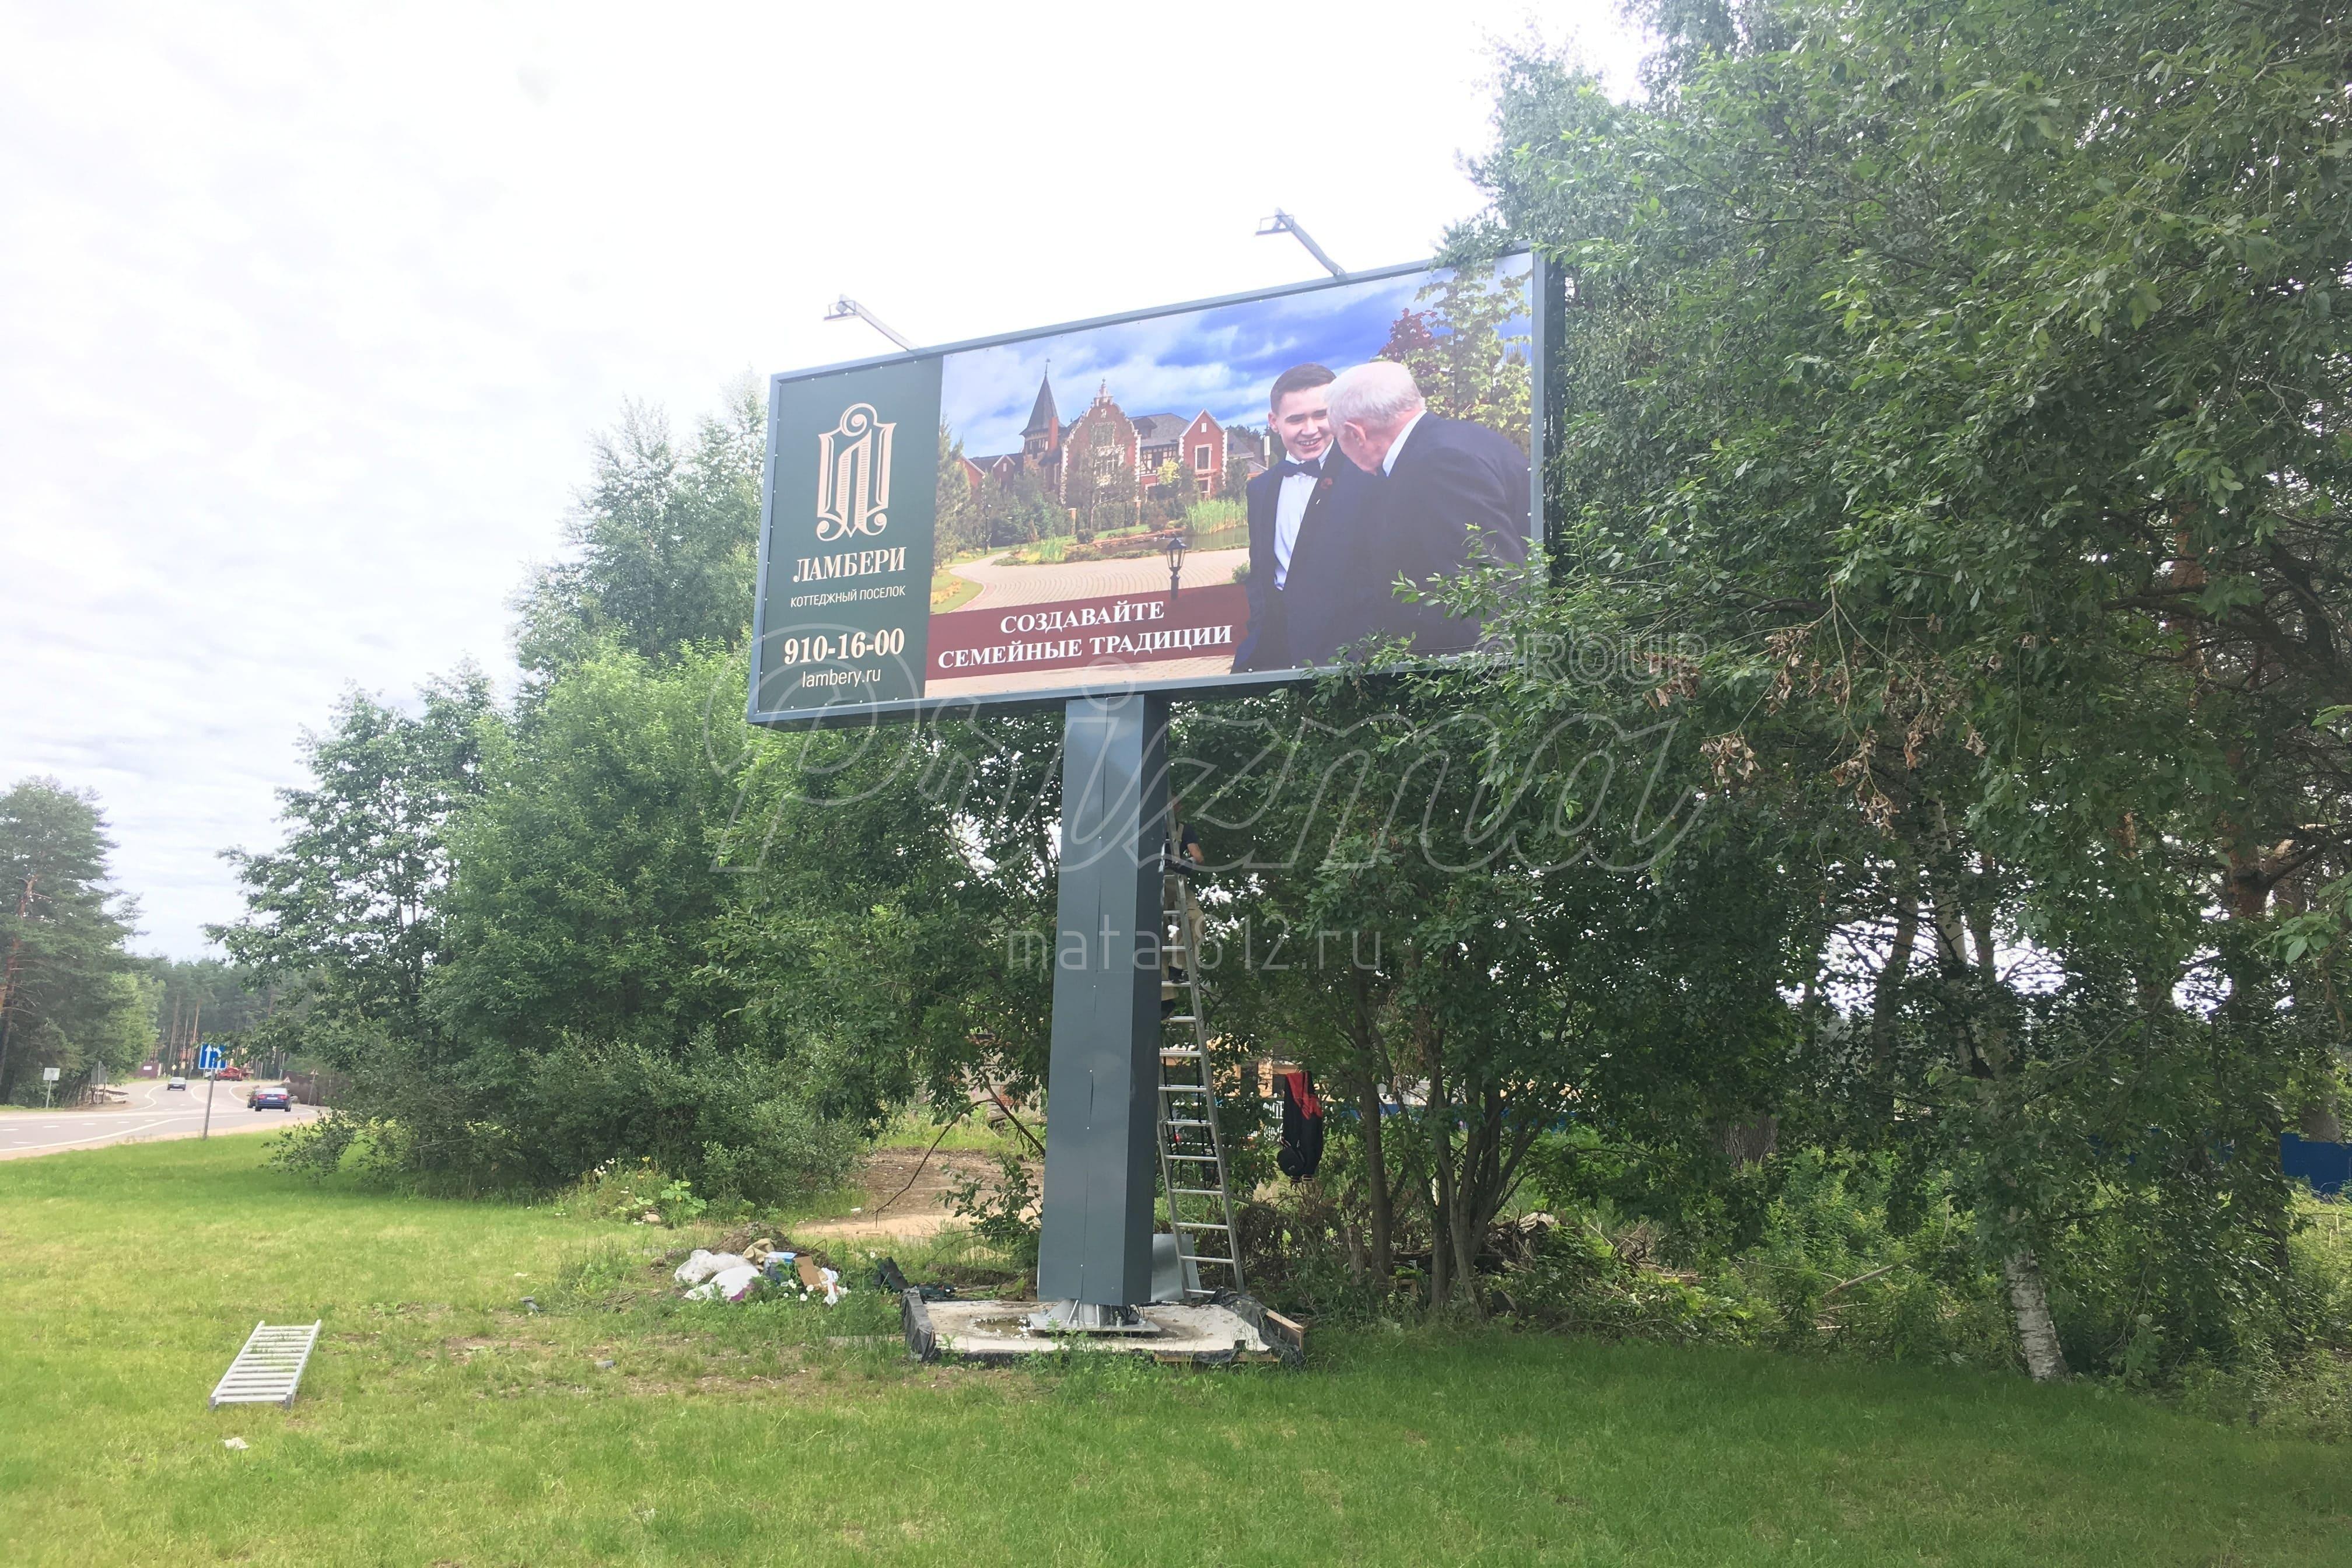 Заказать рекламные щиты, билборды